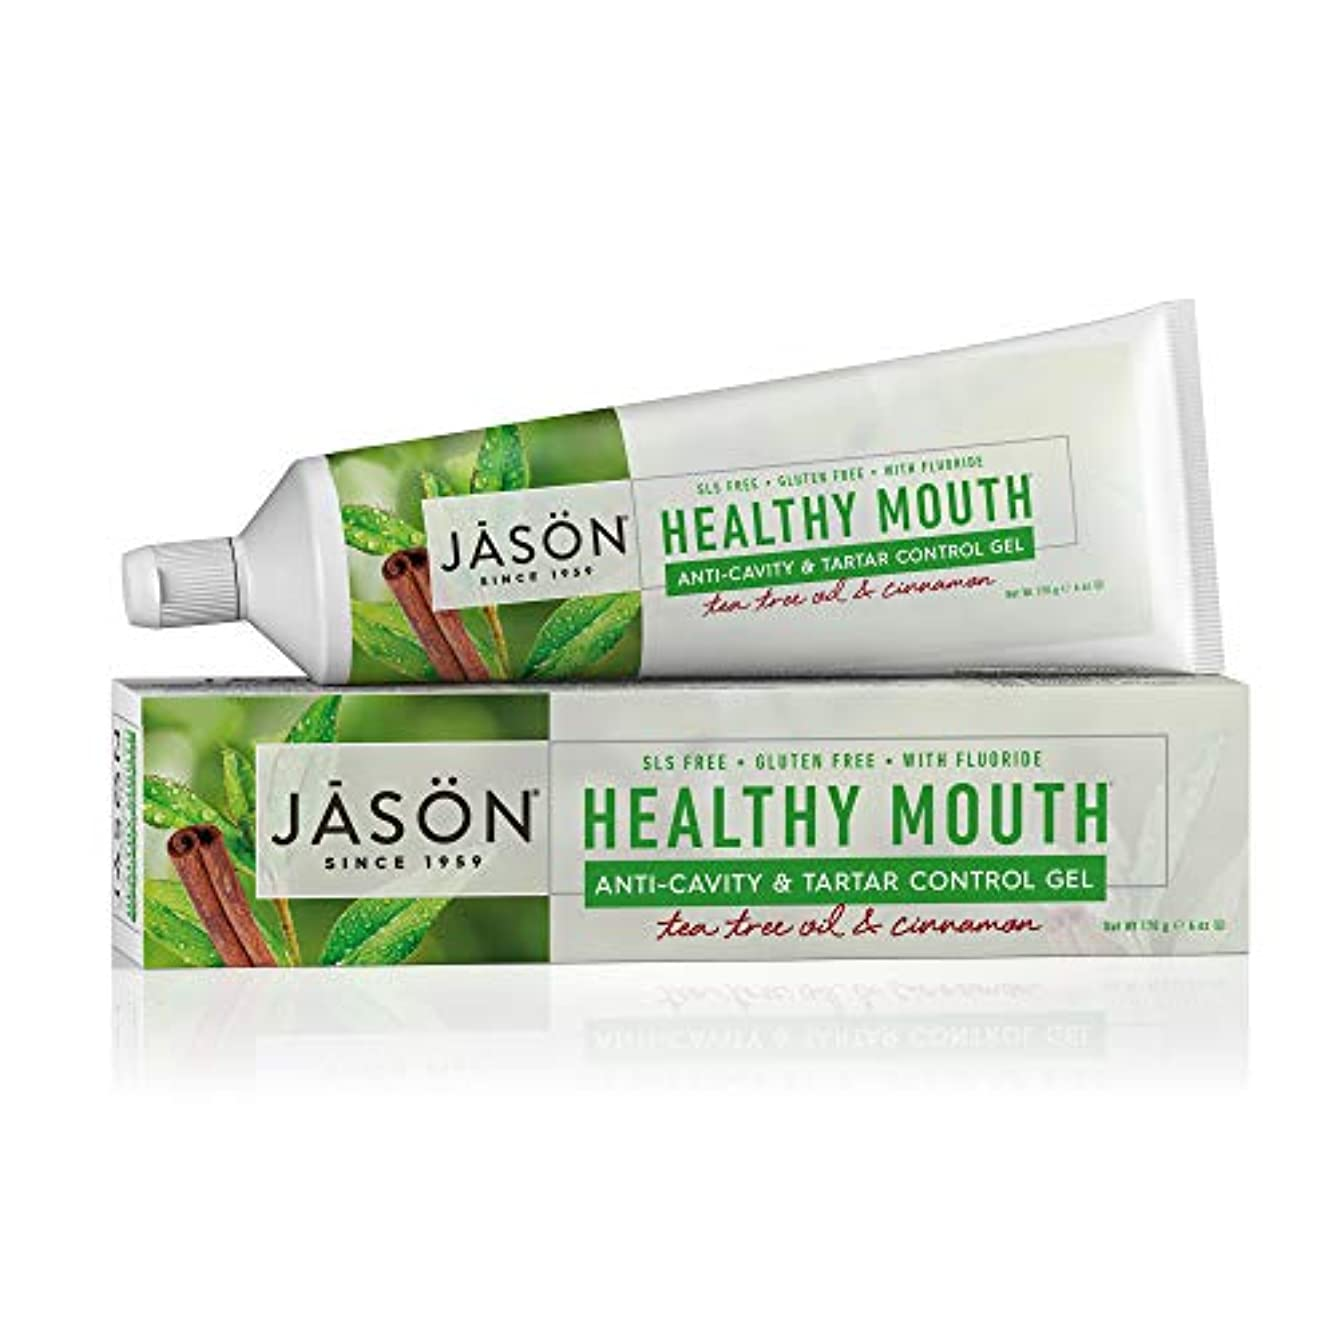 硬さナチュラルマークされたJason 健康な口抗歯垢&タルタルコントロールハミガキティーツリーオイル&シナモン、6オンス